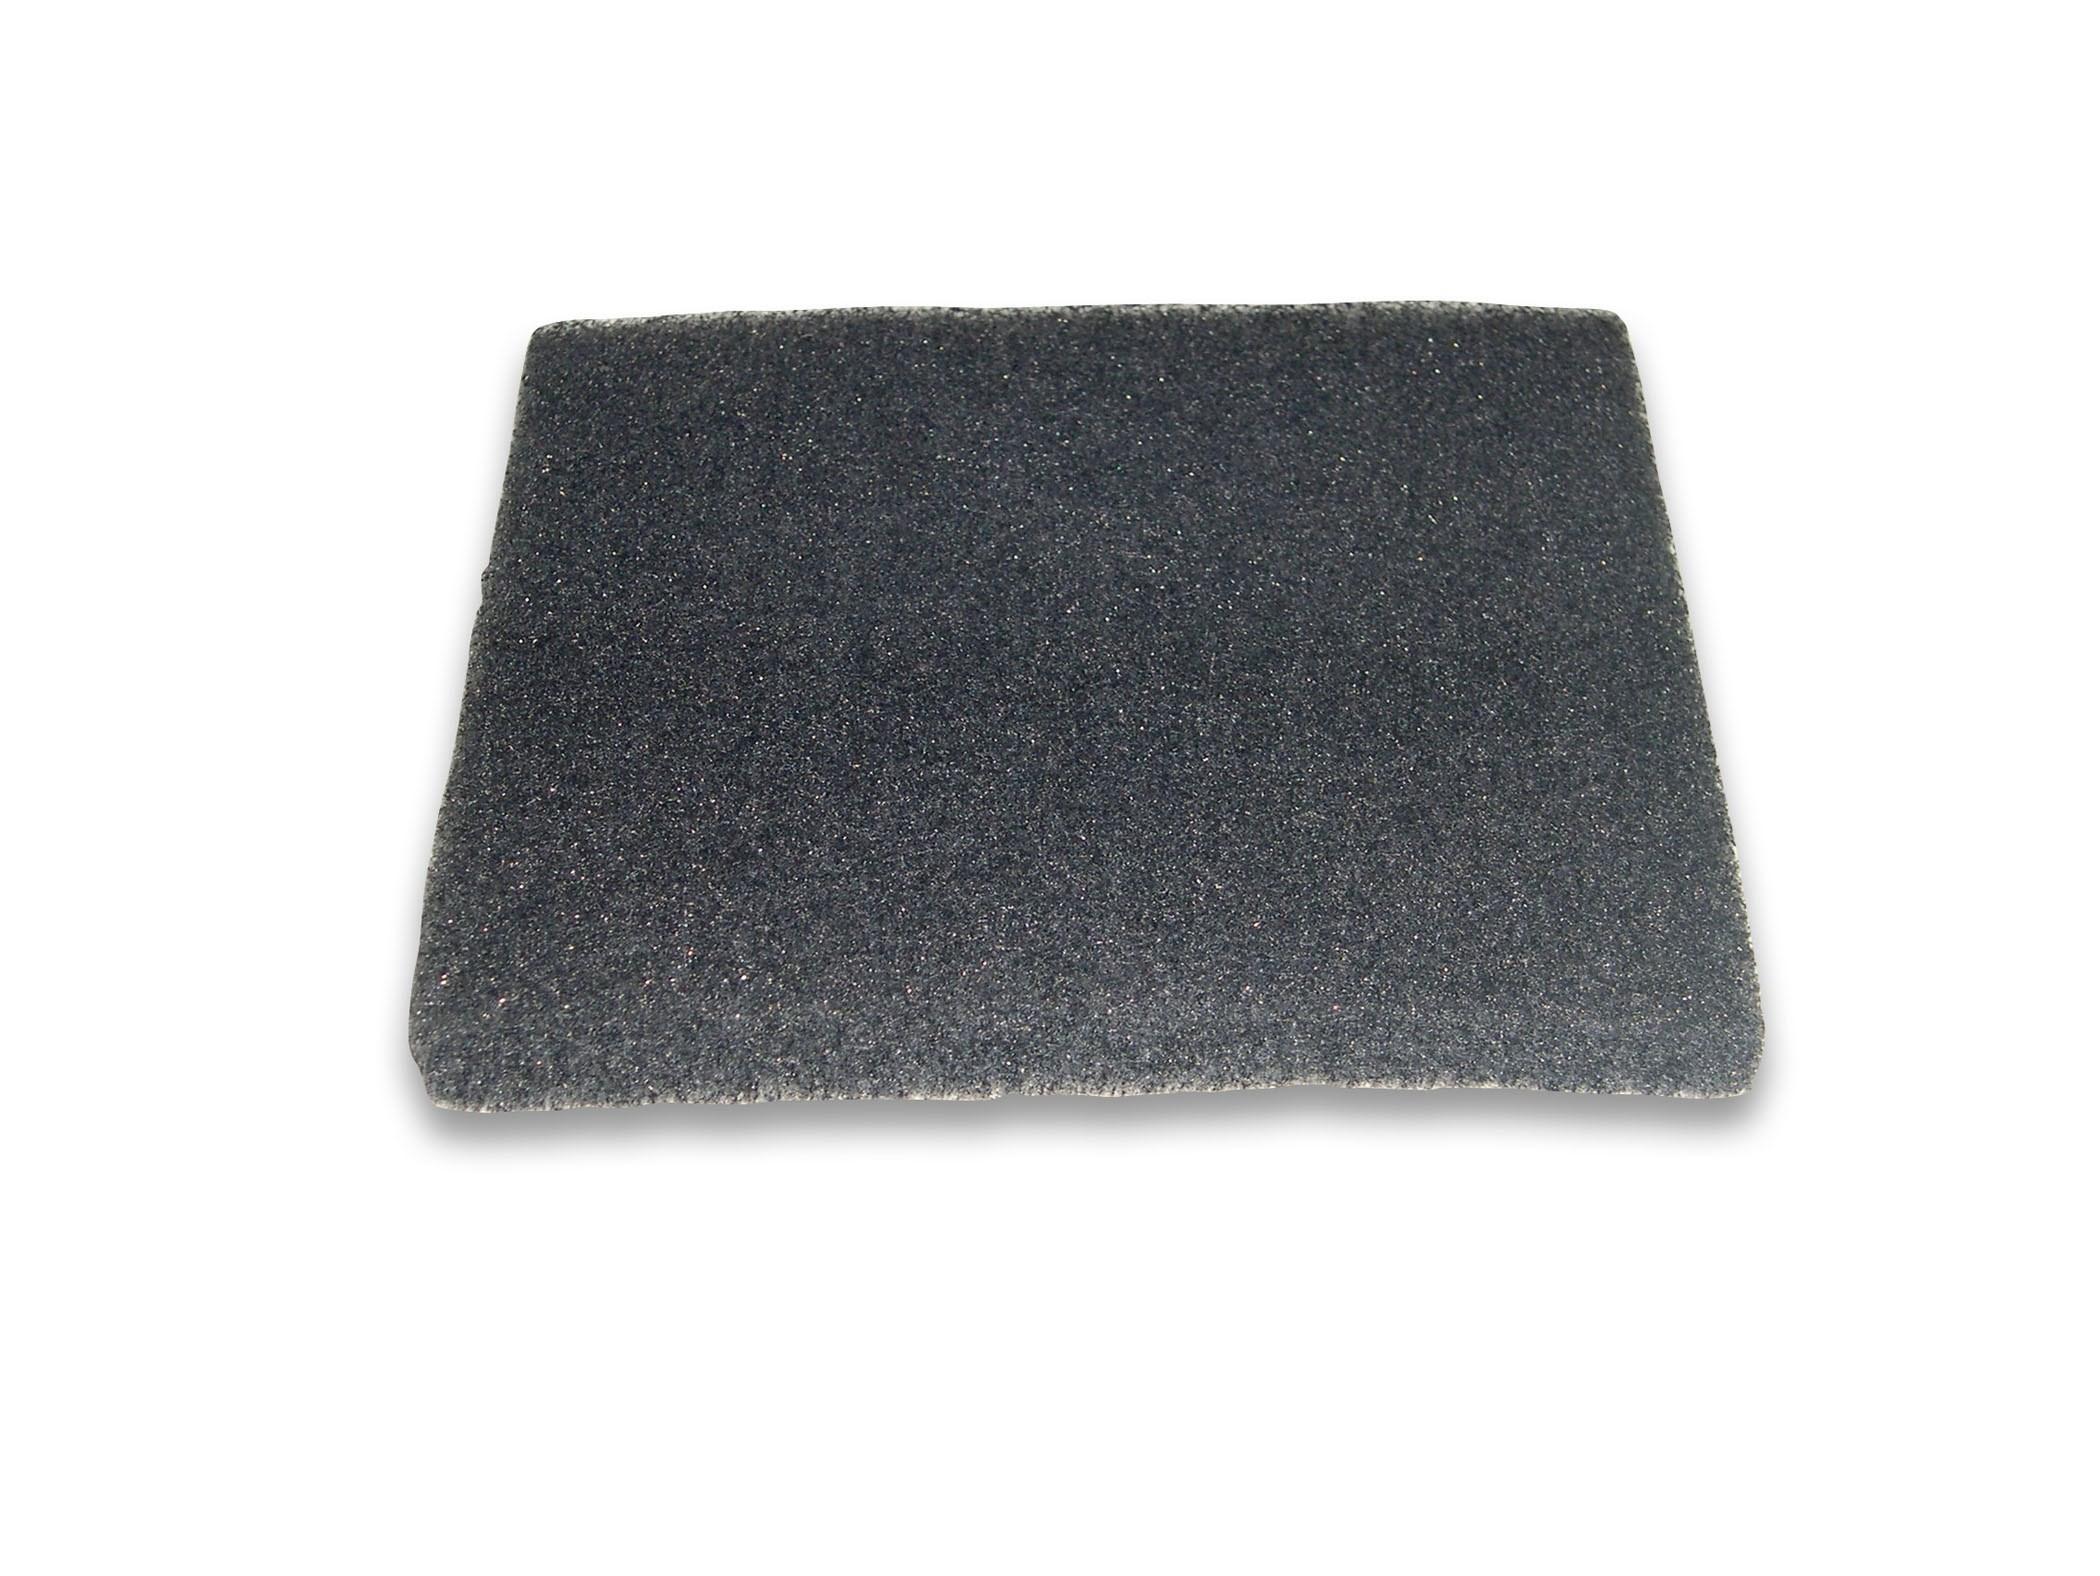 Genuine Hoover Foam Final Filter - WindTunnel V2, Dual V, Savvy